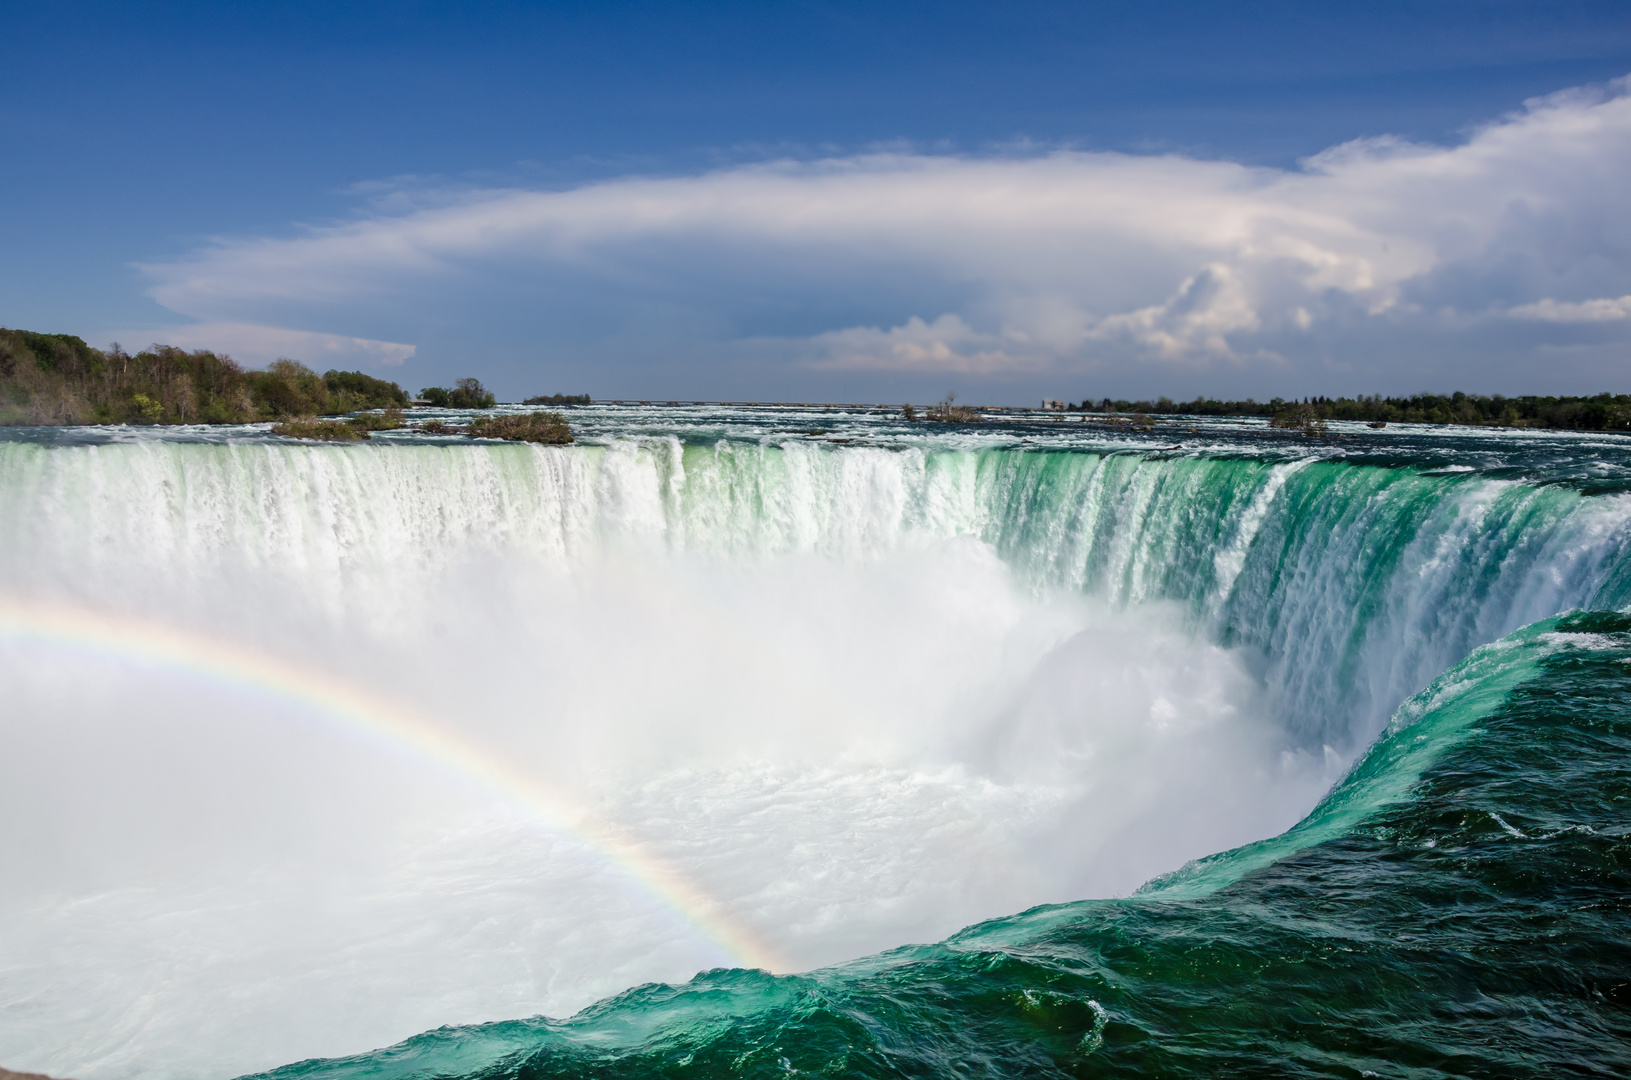 Nouveau concours : La chute d'eau (Verrouillé). Horse-shoe-wasserfall-ba92a972-9e09-4478-9a3d-a88a5fb60051